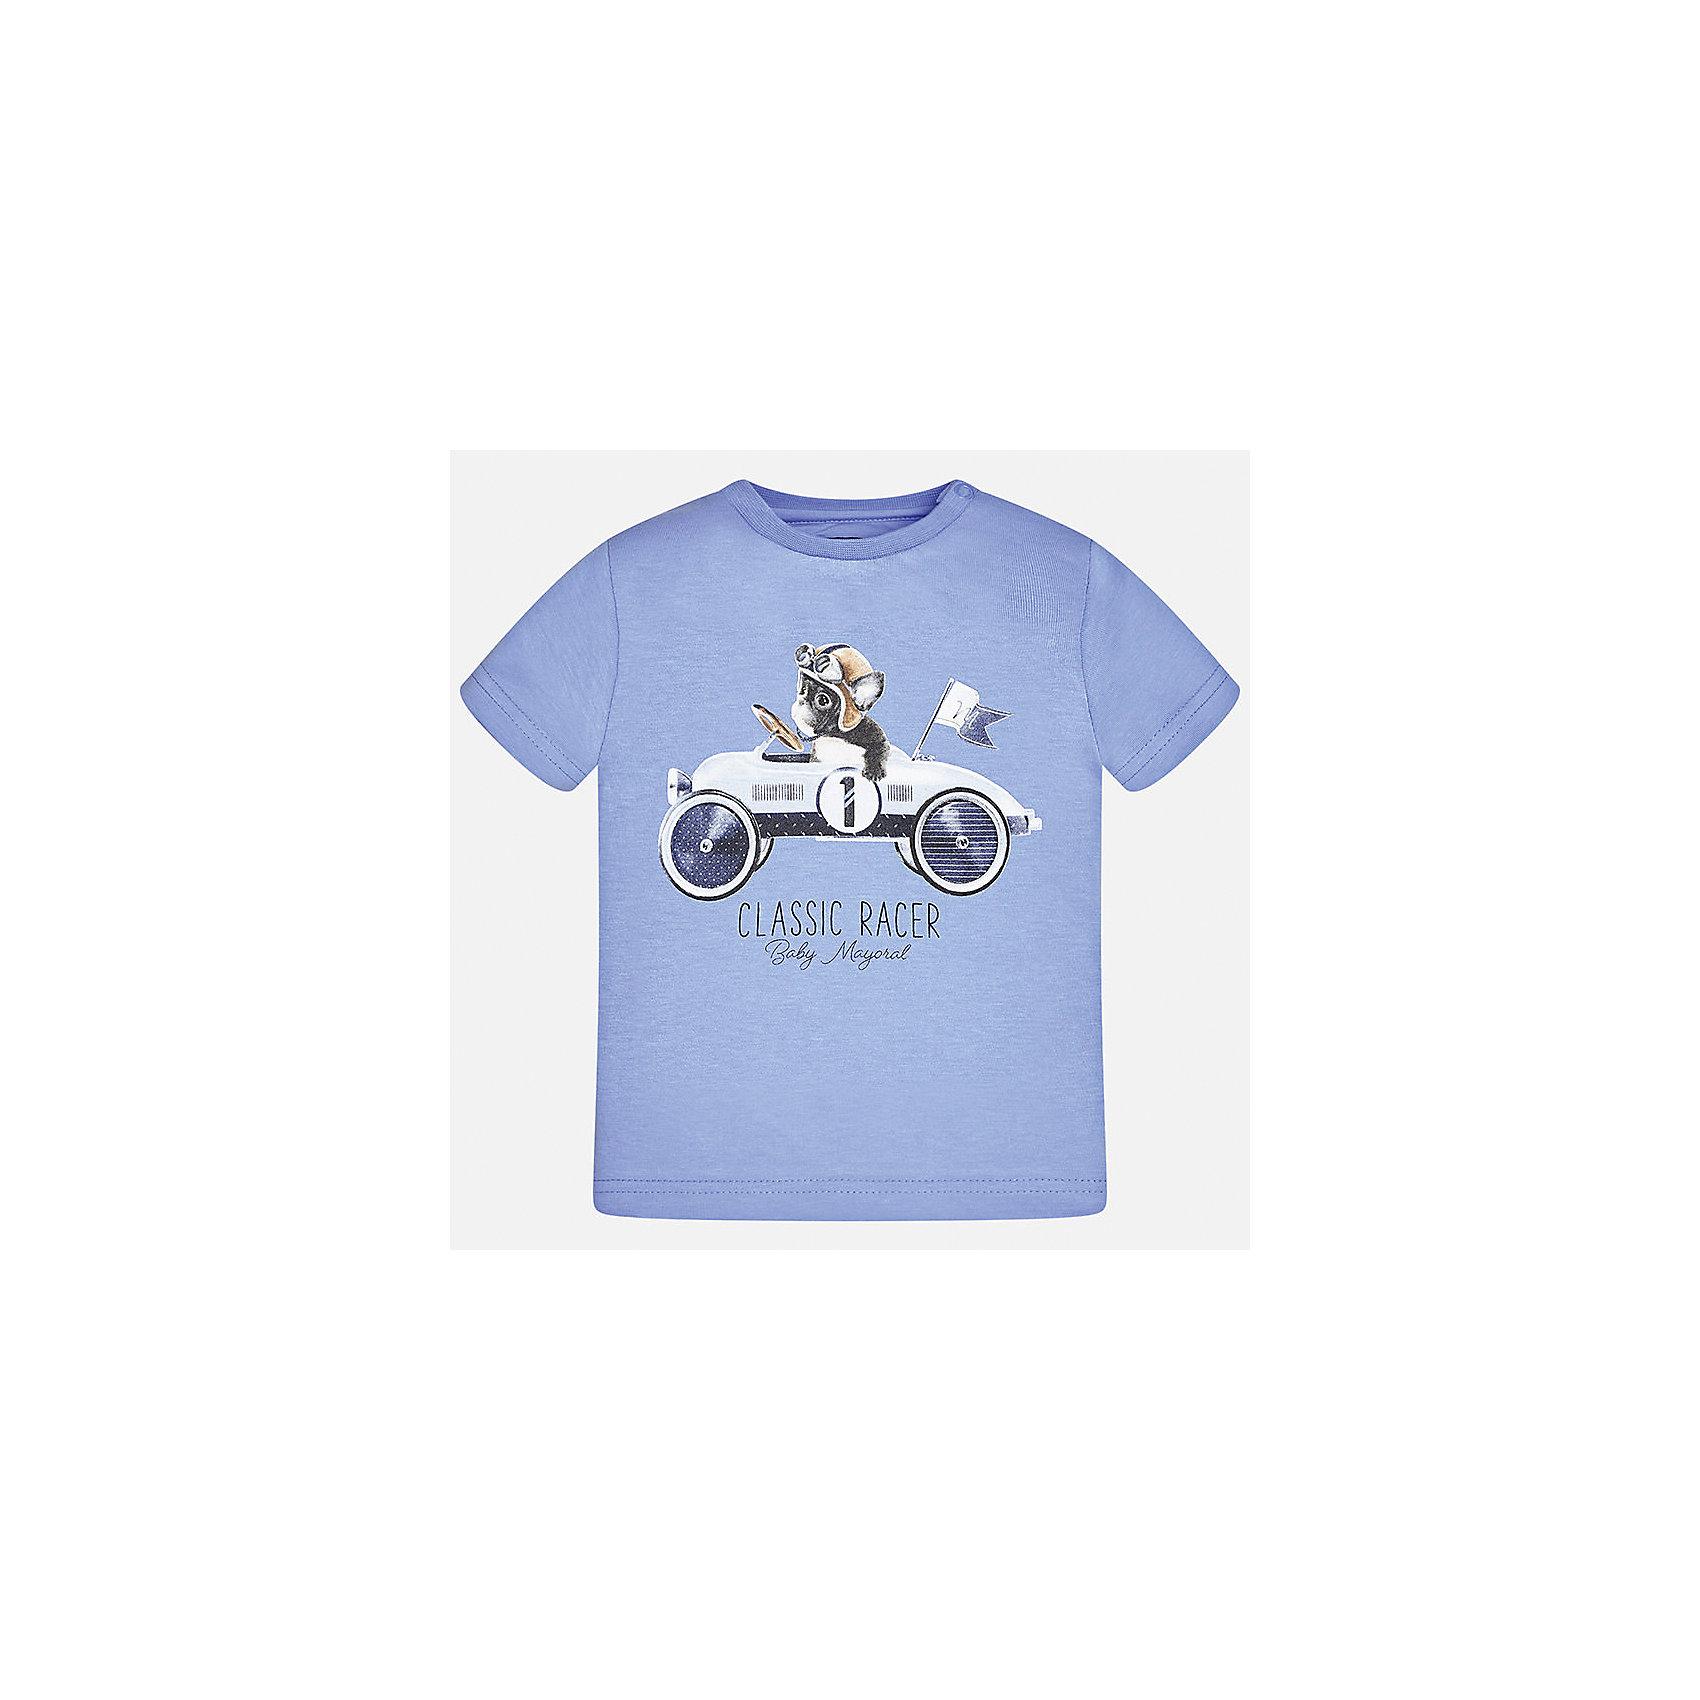 Футболка для мальчика MayoralФутболки, топы<br>Характеристики товара:<br><br>• цвет: голубой<br>• состав: 100% хлопок<br>• круглый горловой вырез<br>• декорирована принтом<br>• короткие рукава<br>• мягкая отделка горловины<br>• страна бренда: Испания<br><br>Стильная удобная футболка с принтом поможет разнообразить гардероб мальчика. Она отлично сочетается с брюками, шортами, джинсами. Практичное и стильное изделие! Хорошо смотрится и комфортно сидит на детях. В составе материала - натуральный хлопок, гипоаллергенный, приятный на ощупь, дышащий. <br><br>Футболку для мальчика от испанского бренда Mayoral (Майорал) можно купить в нашем интернет-магазине.<br><br>Ширина мм: 199<br>Глубина мм: 10<br>Высота мм: 161<br>Вес г: 151<br>Цвет: белый<br>Возраст от месяцев: 6<br>Возраст до месяцев: 9<br>Пол: Мужской<br>Возраст: Детский<br>Размер: 86,92,80,74<br>SKU: 5278387